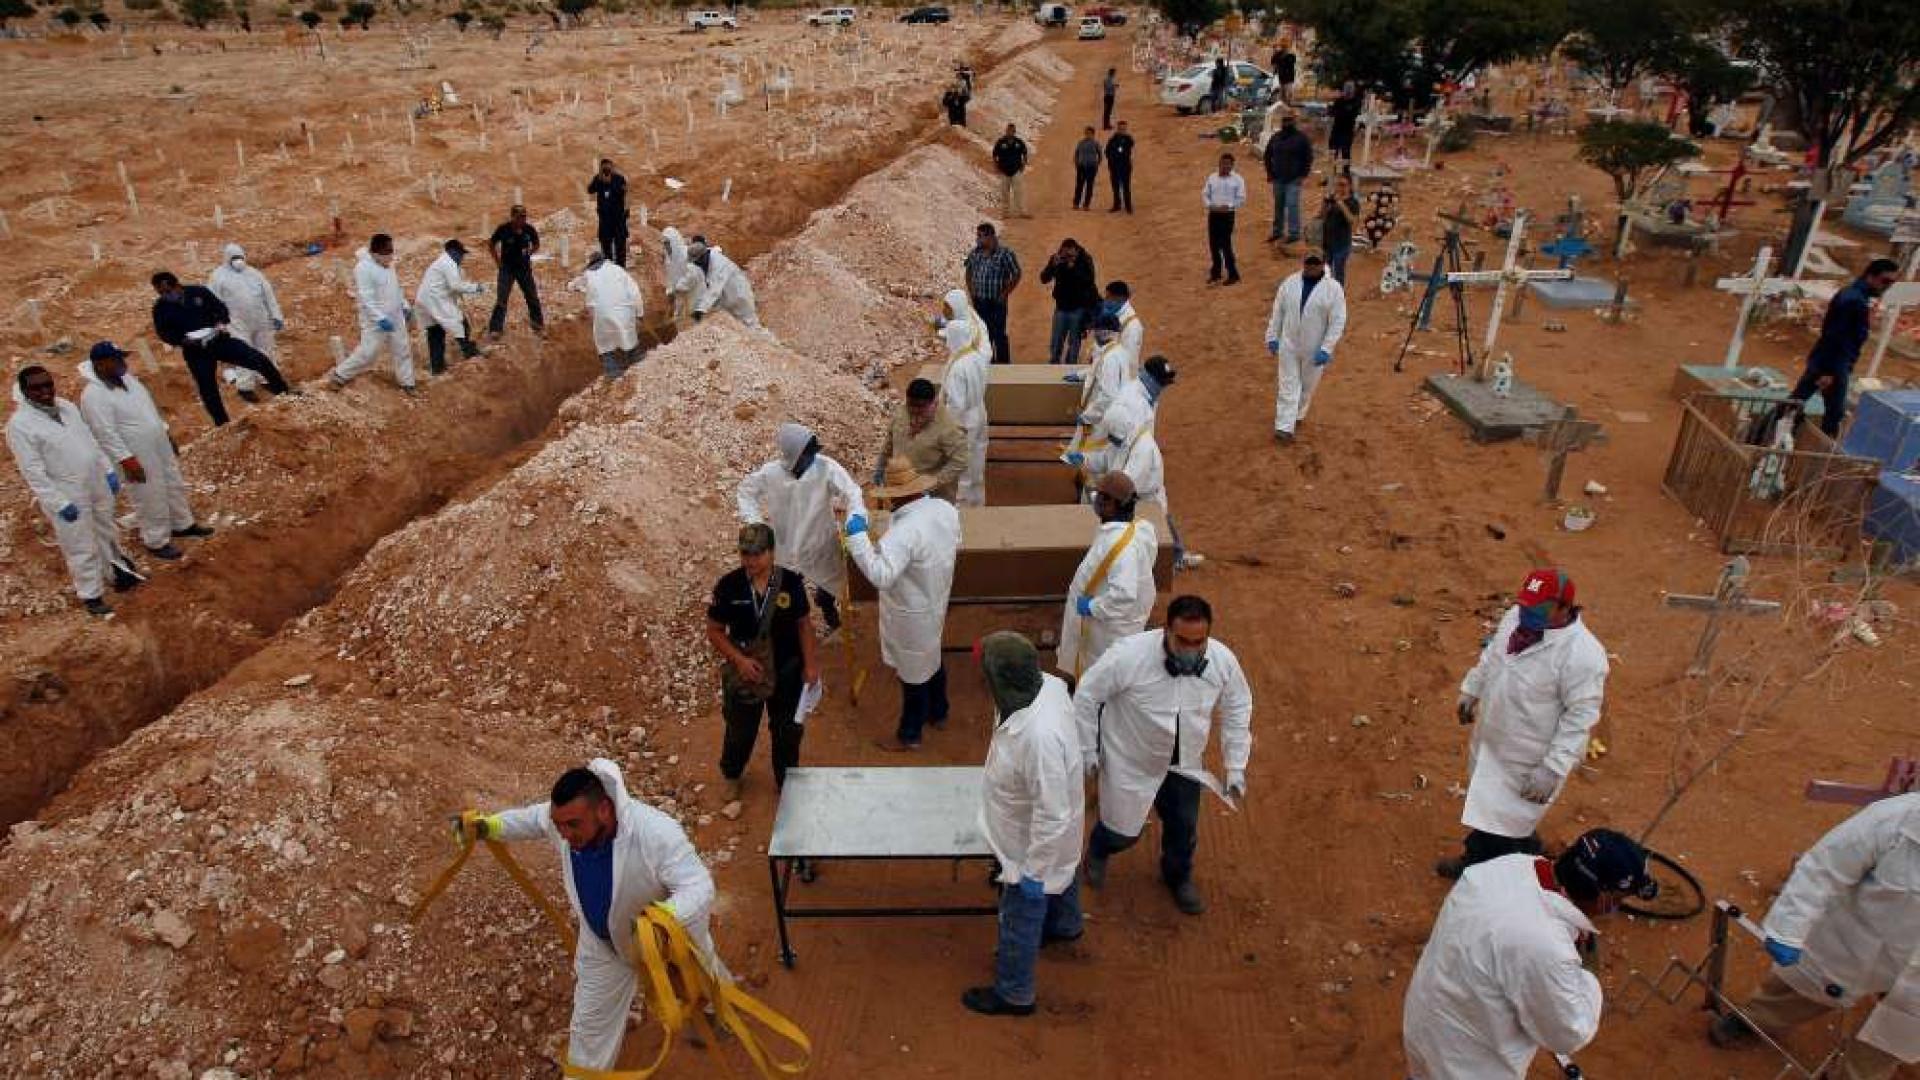 Descoberta vala comum na Etiópia com pelo menos 200 corpos